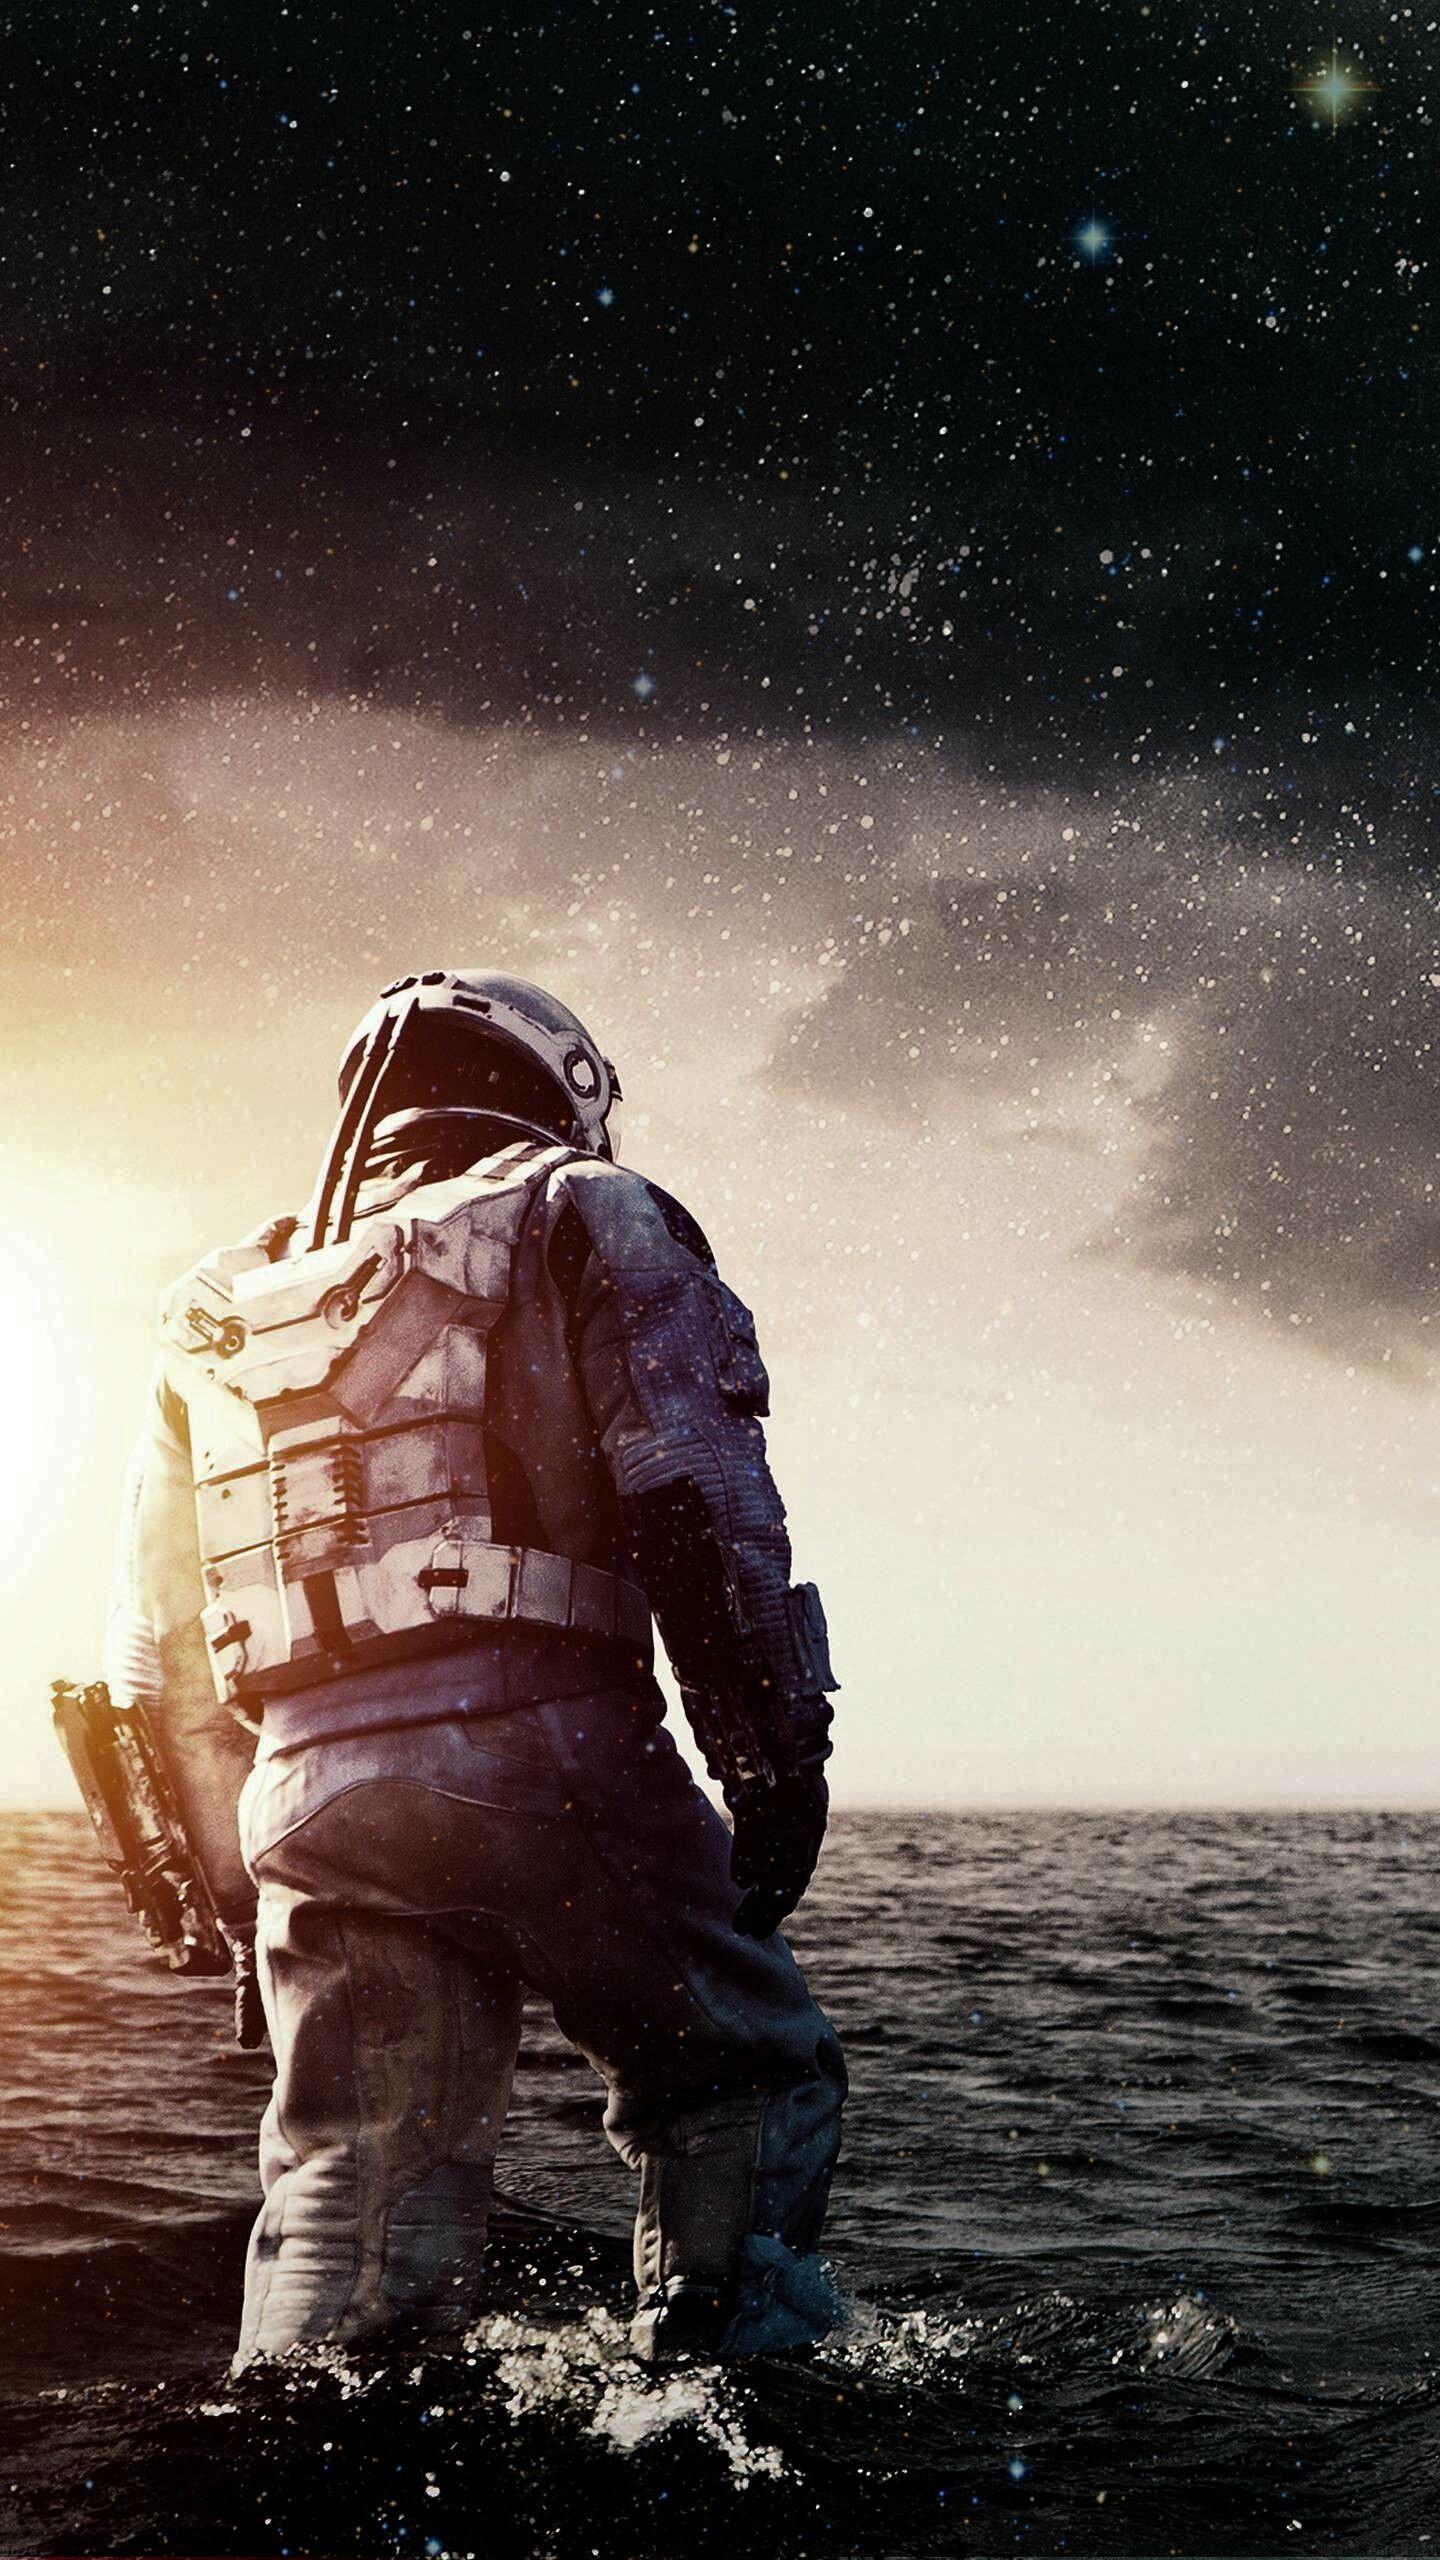 1440x2560 Interstellar Movie Wide Movies Hd Interstellar Movie Interstellar Astronaut Art